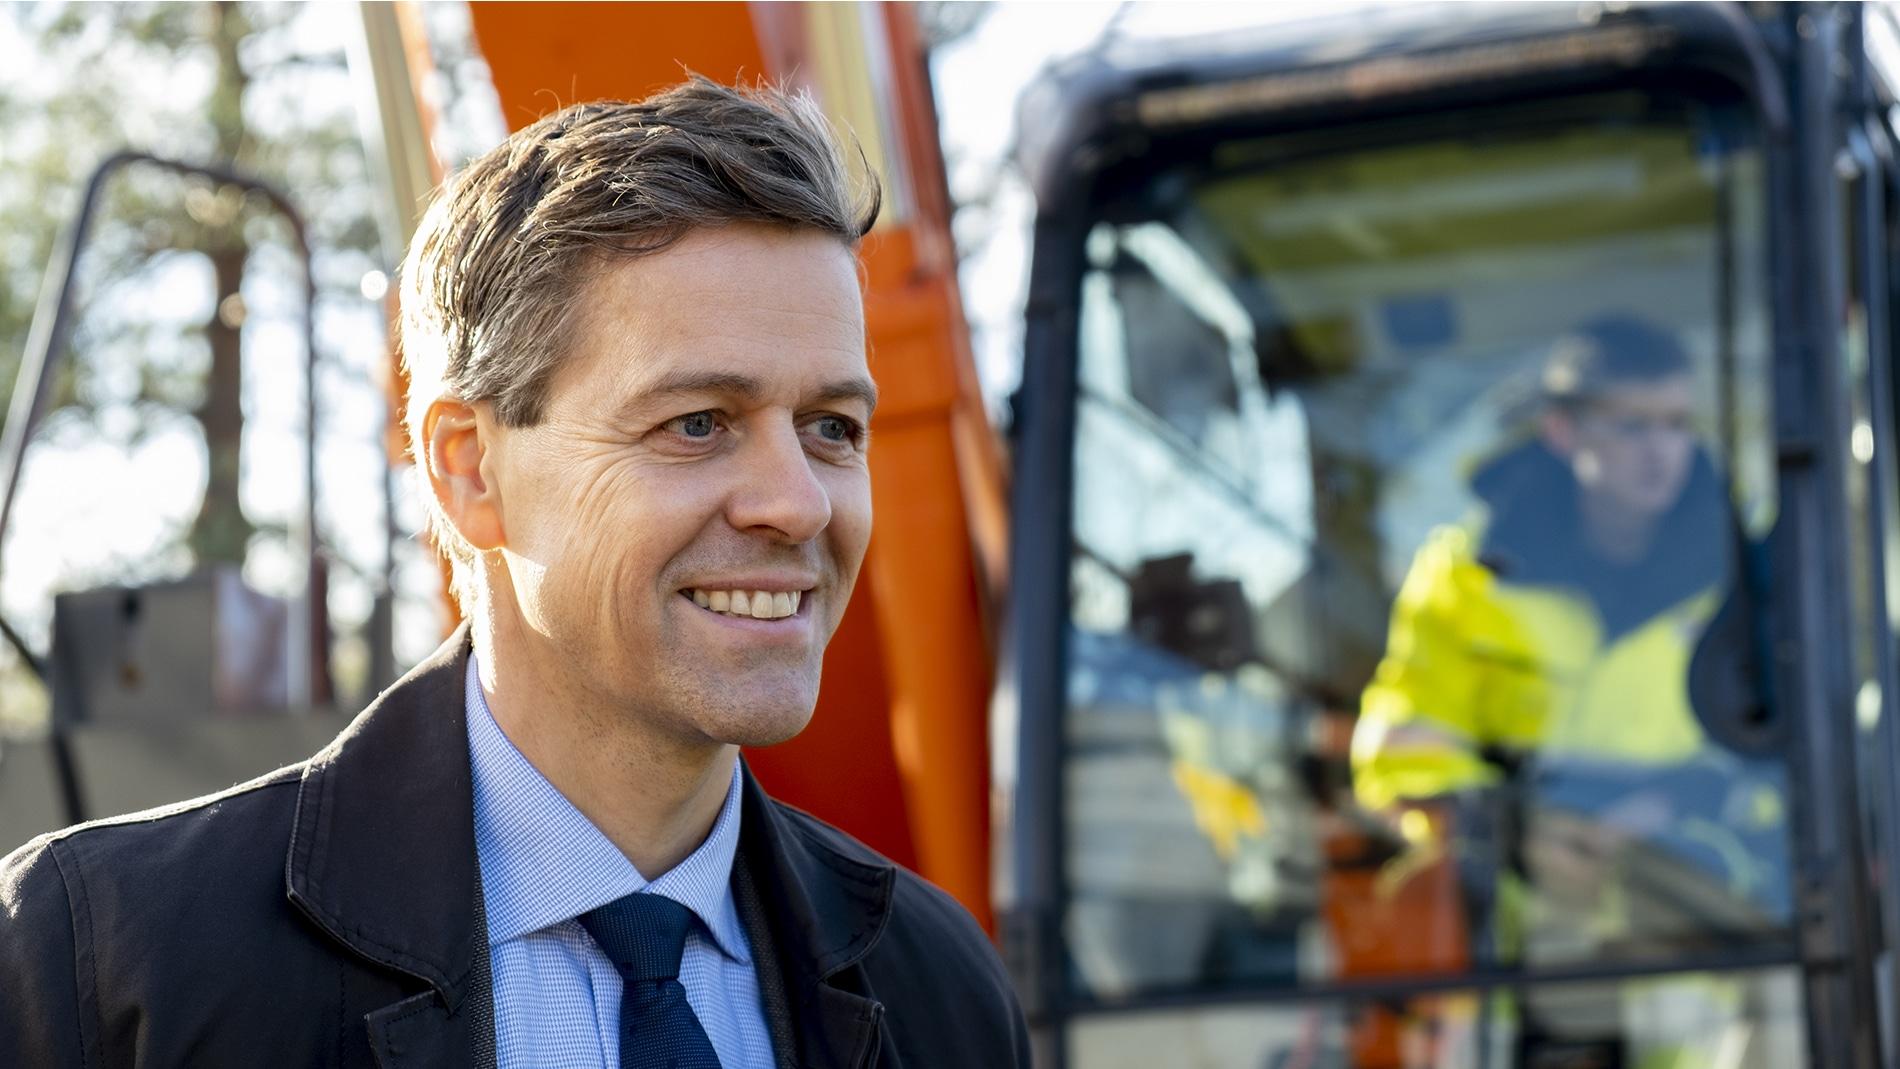 Ny handlingsplan: Anleggsplasser i transportsektoren skal bli fossilfrie